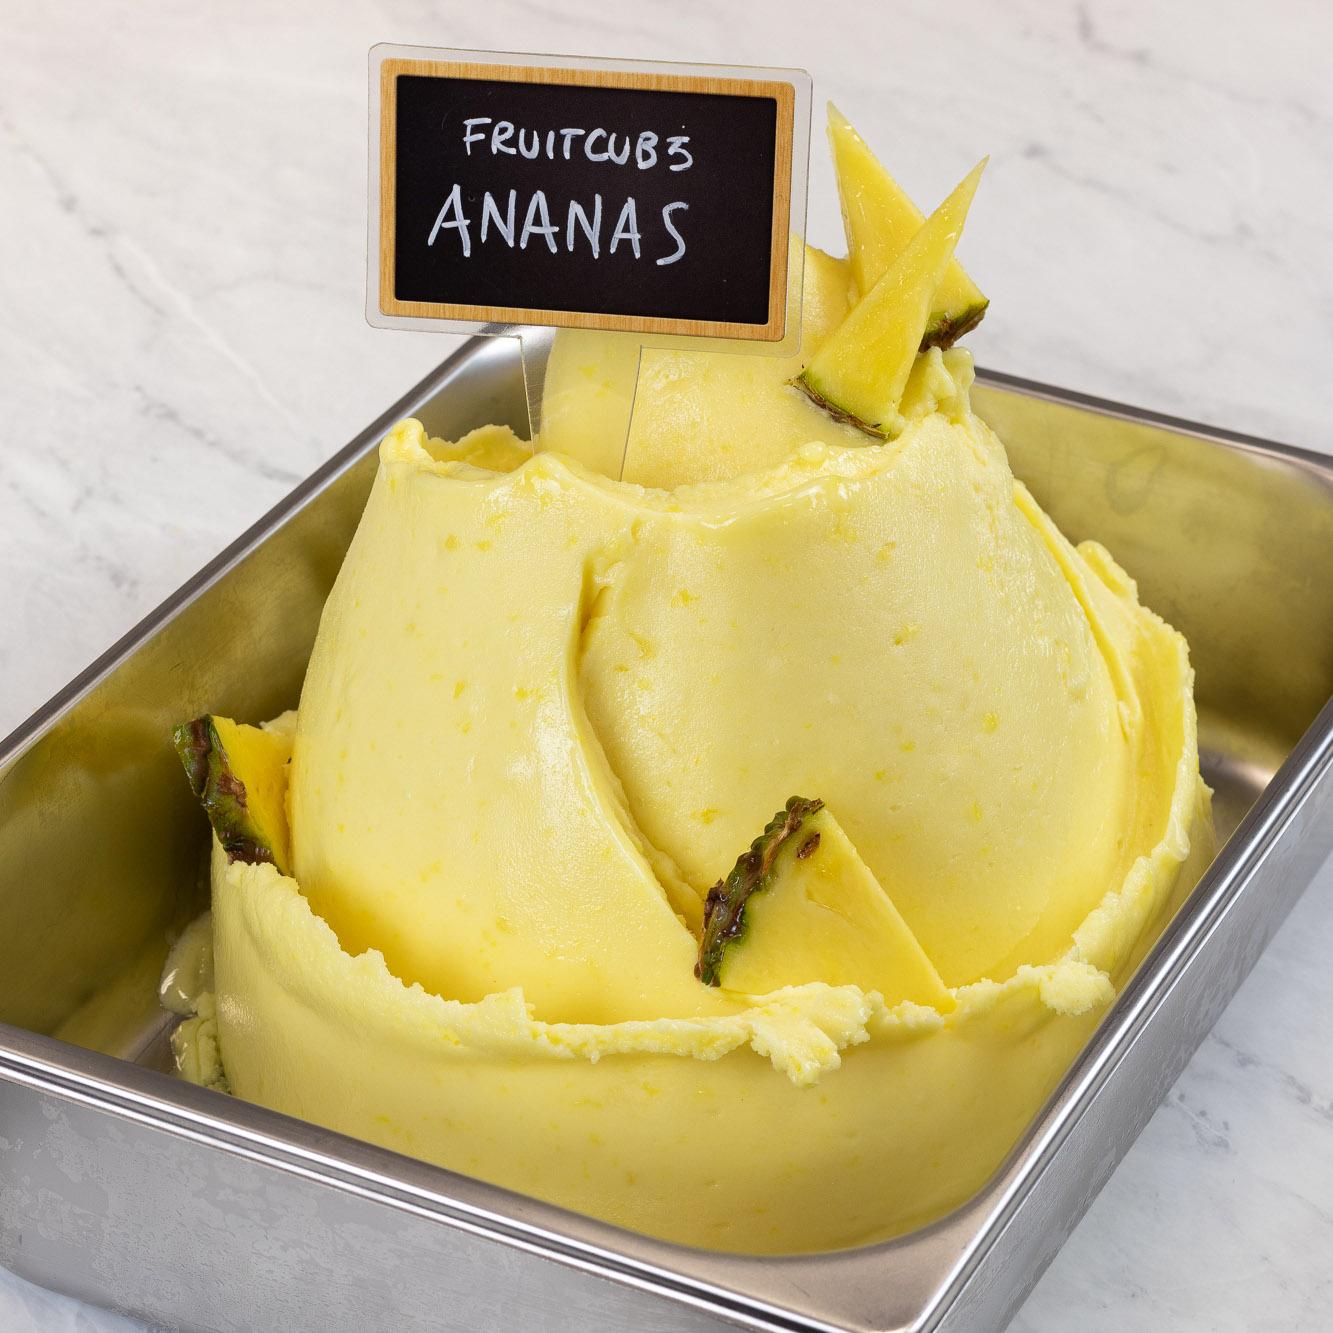 Fruitcub3 Ananas